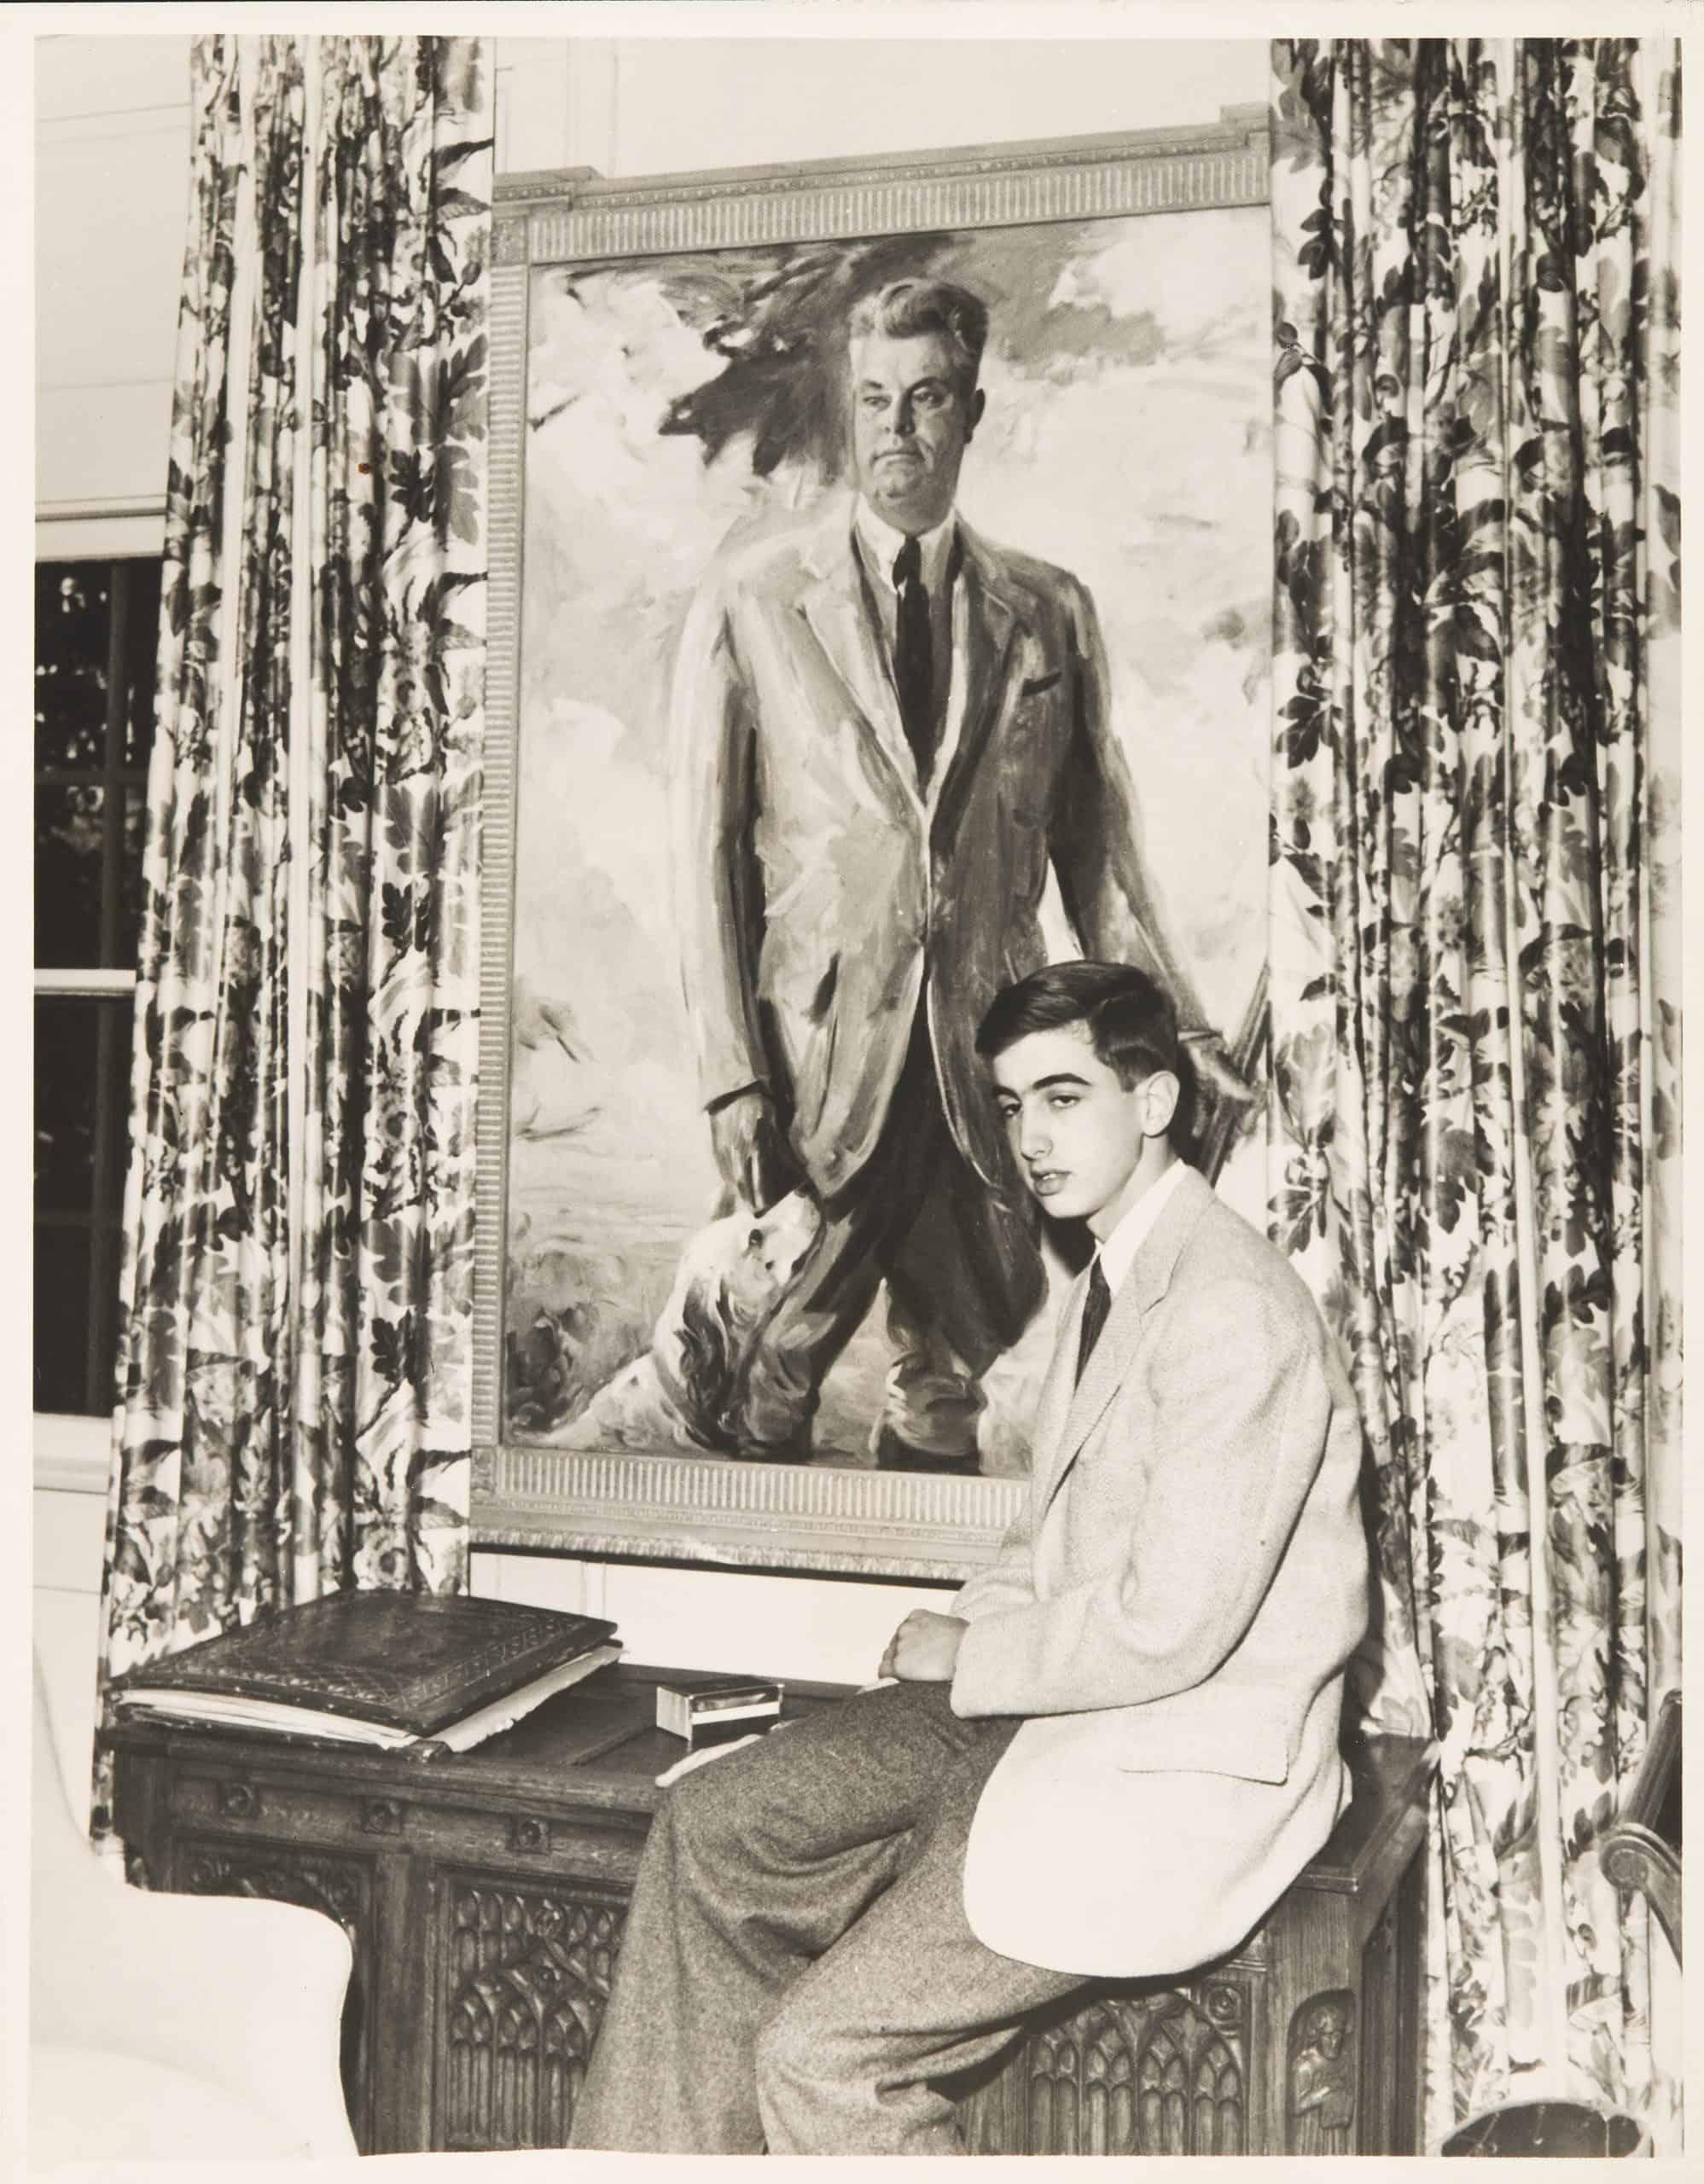 Robert L.B. Tobin, 1950s